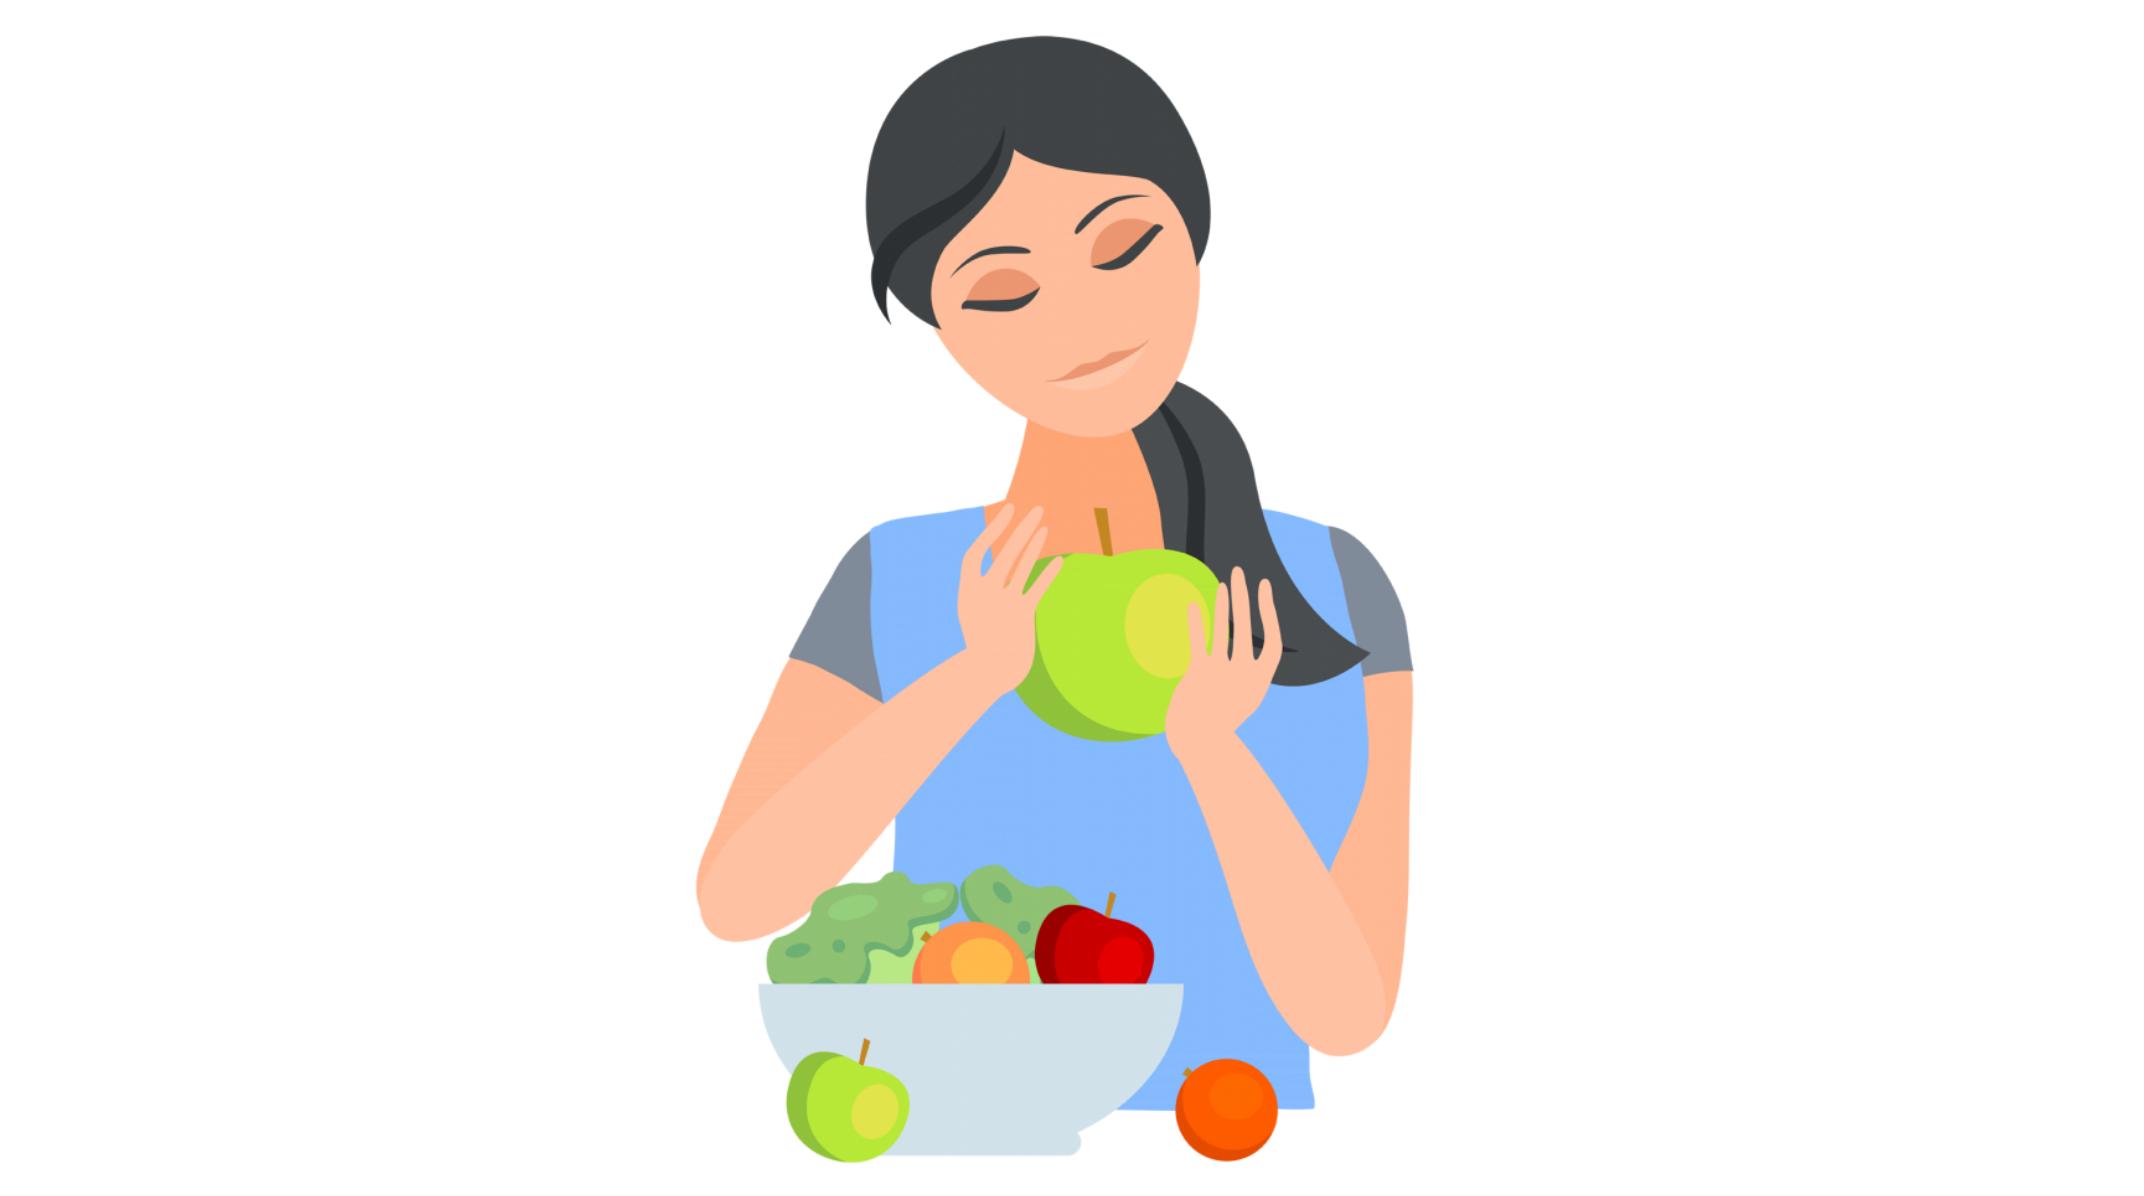 नई माँ के लिए भोजन – महीना १२